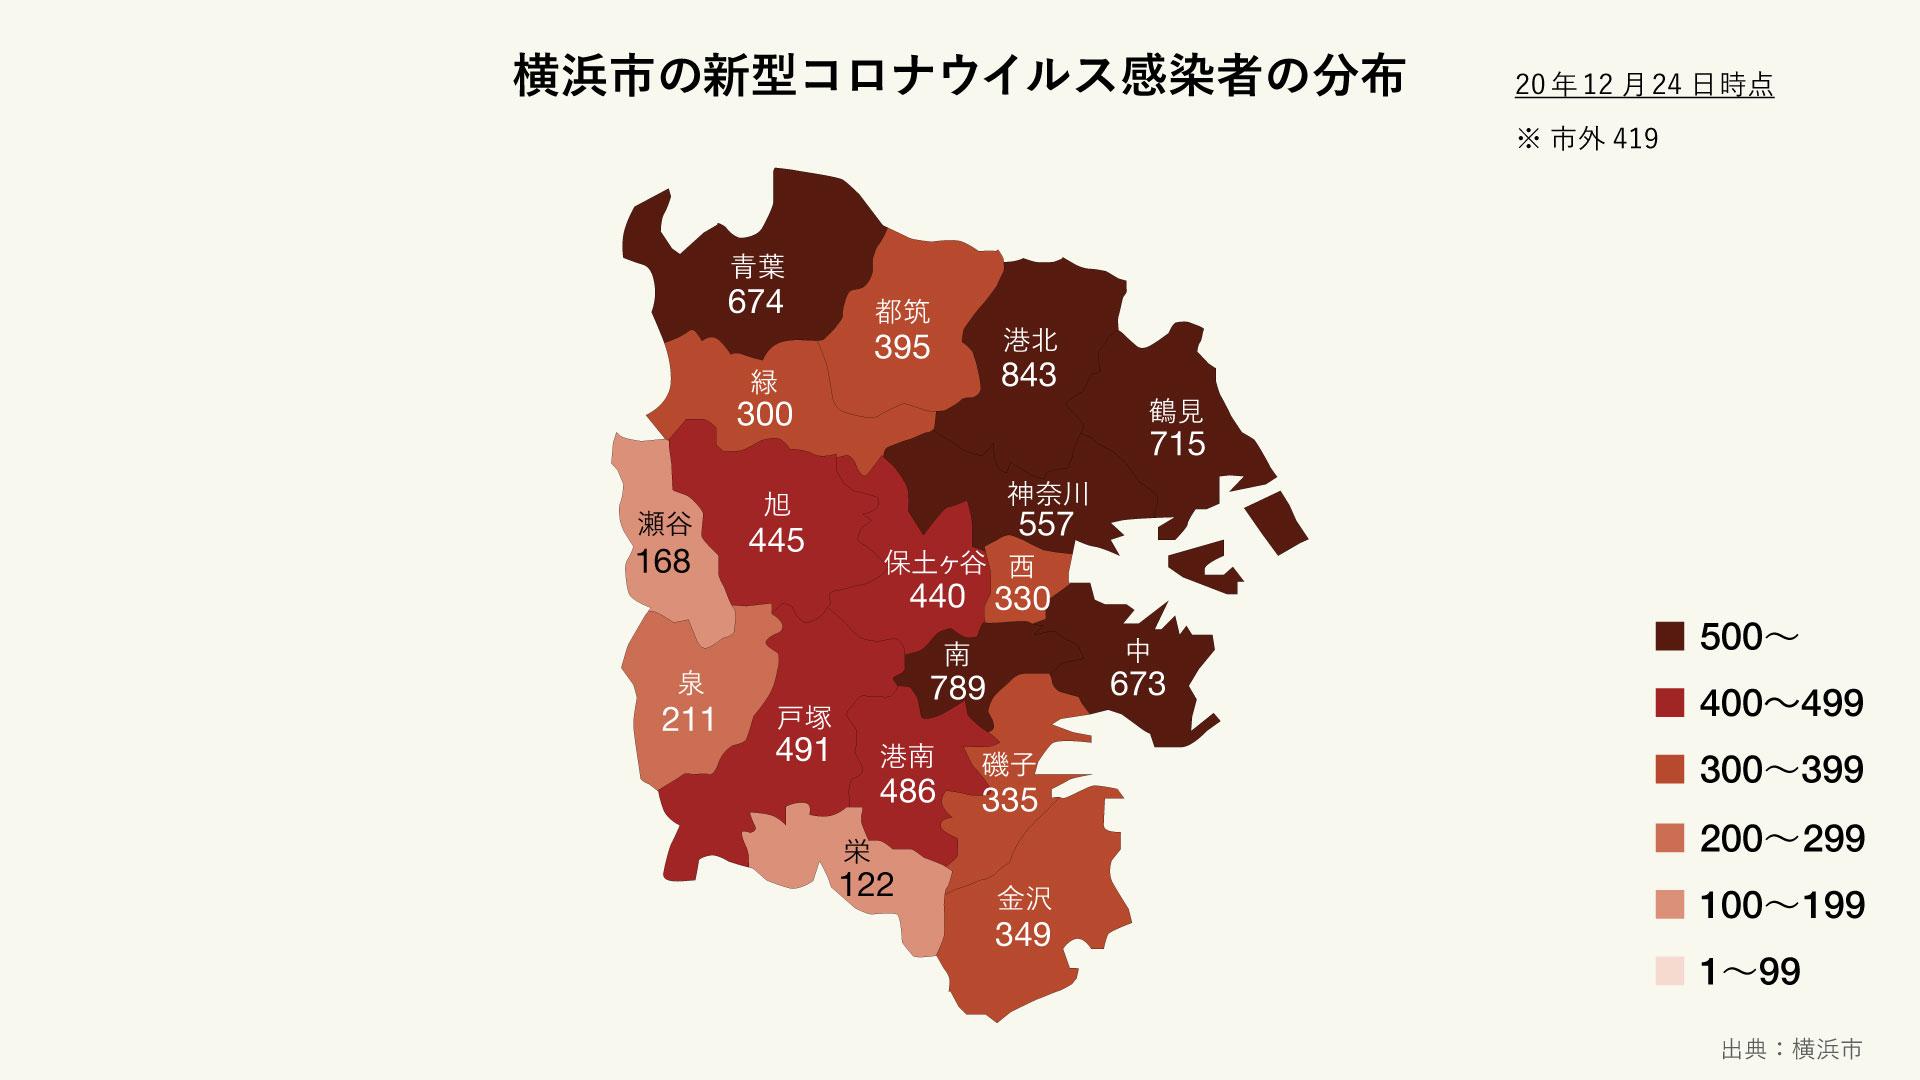 横浜市の新型コロナウイルス感染者の分布(区別)